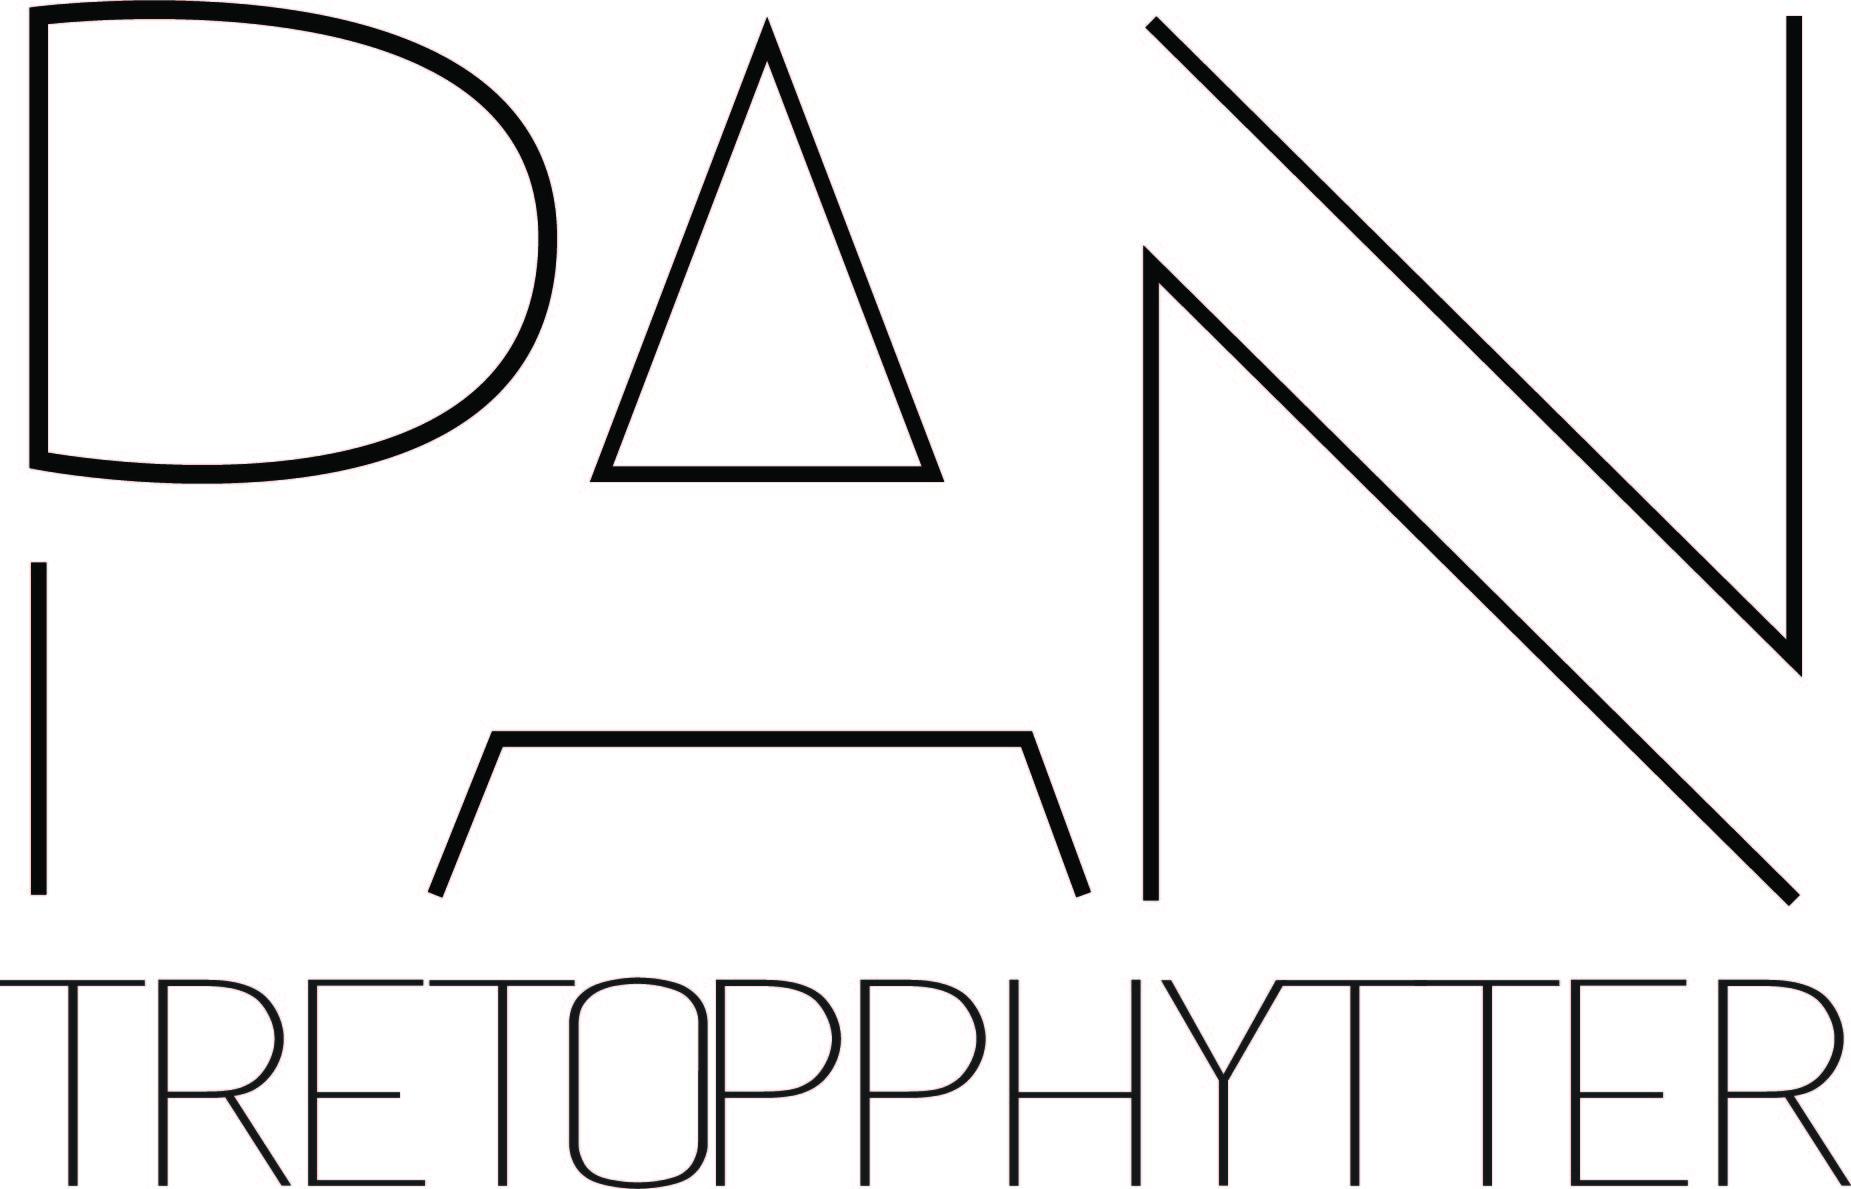 PAN Tretopphytter